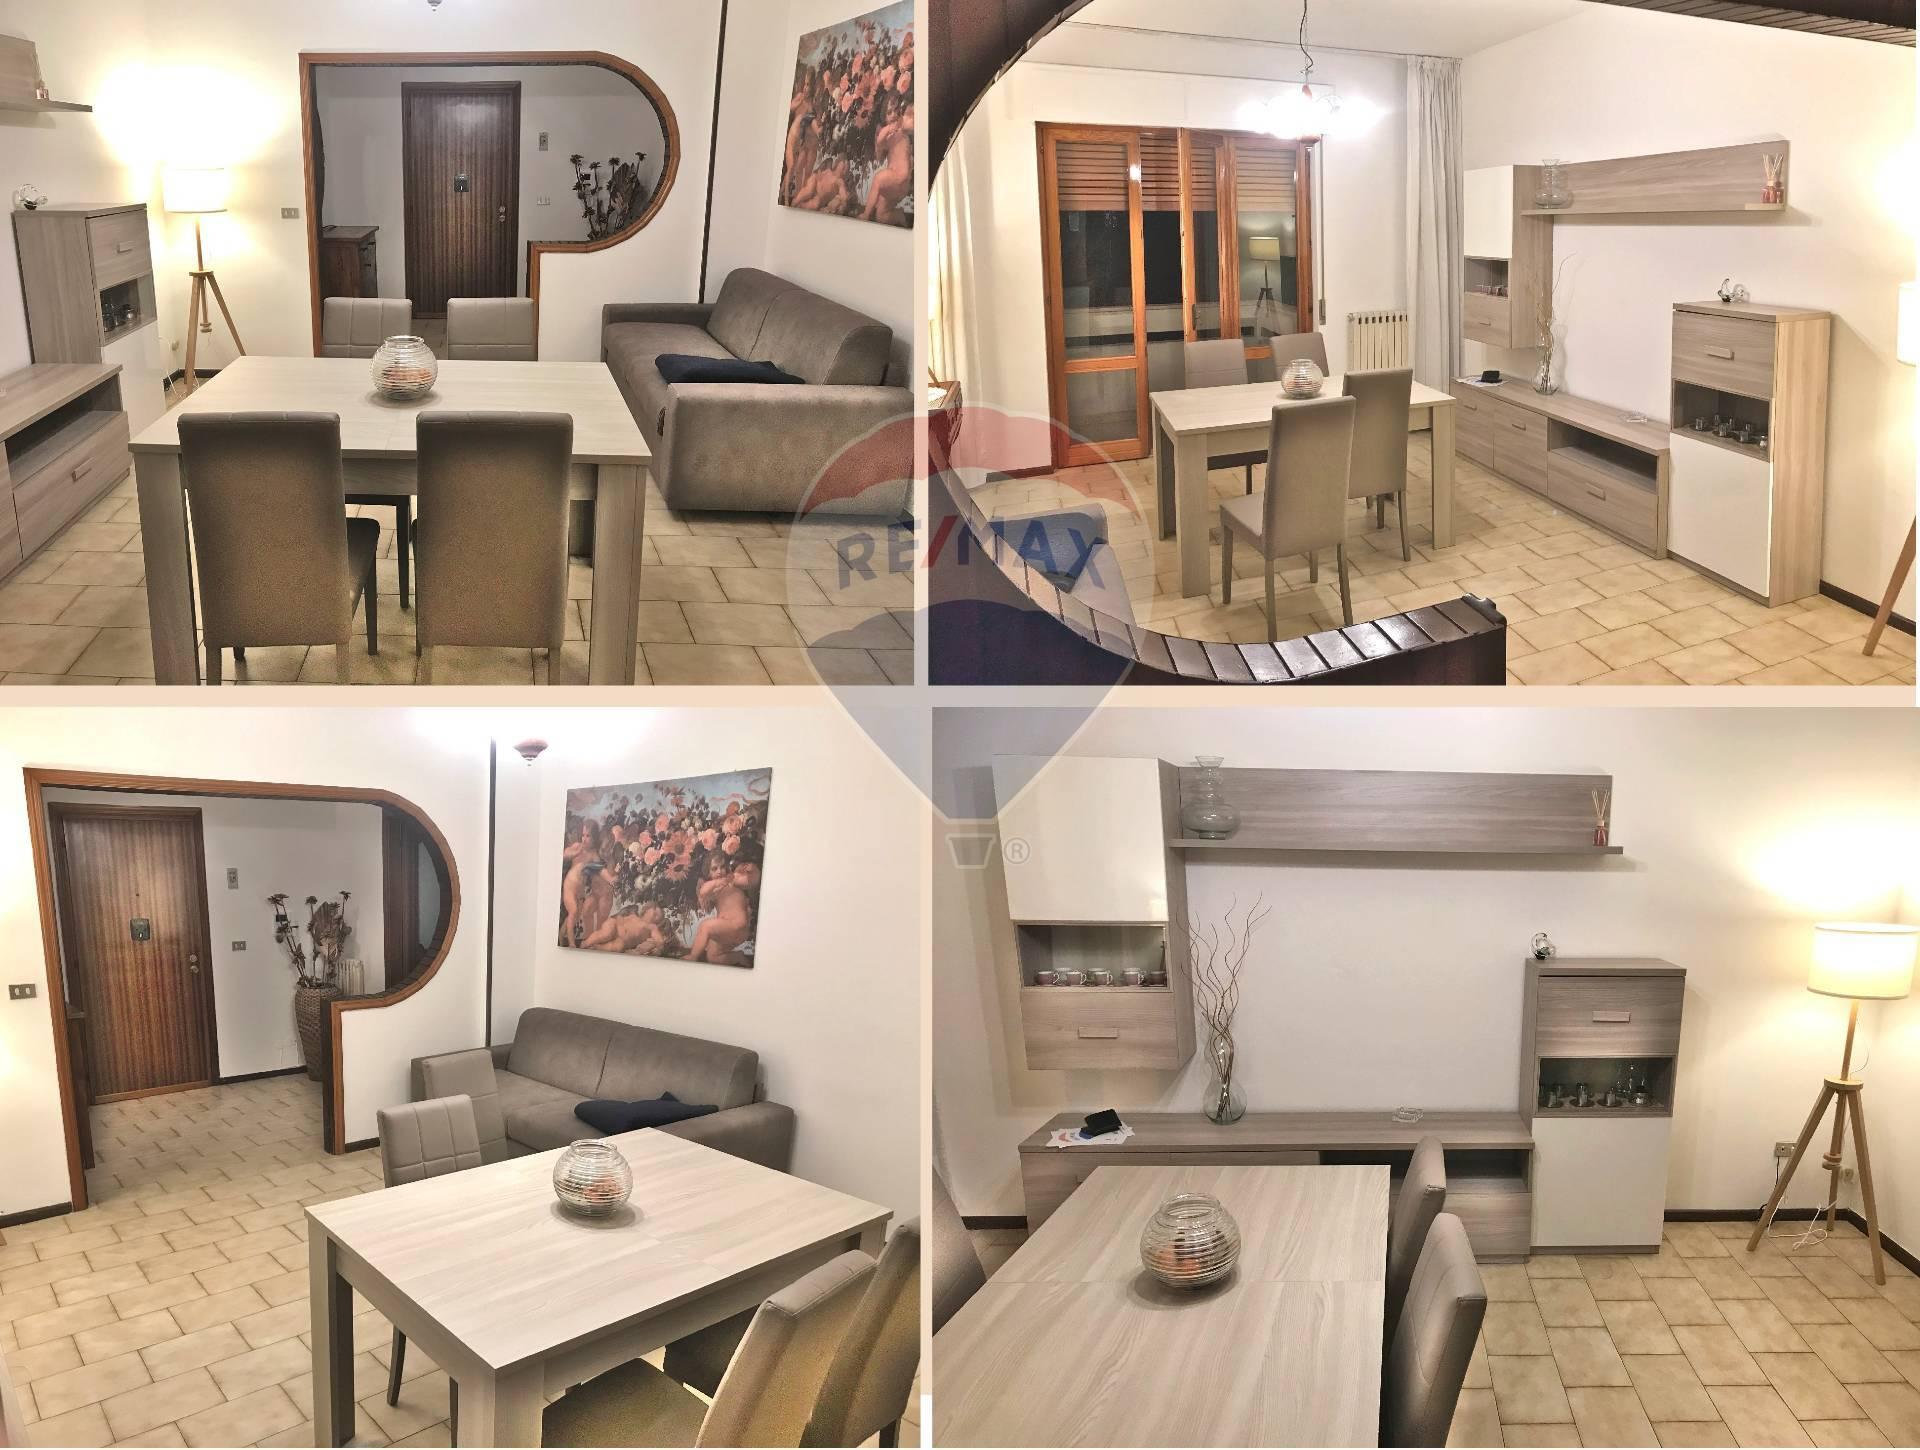 Appartamento in affitto a Francavilla al Mare, 6 locali, zona Località: Centro, prezzo € 560 | CambioCasa.it